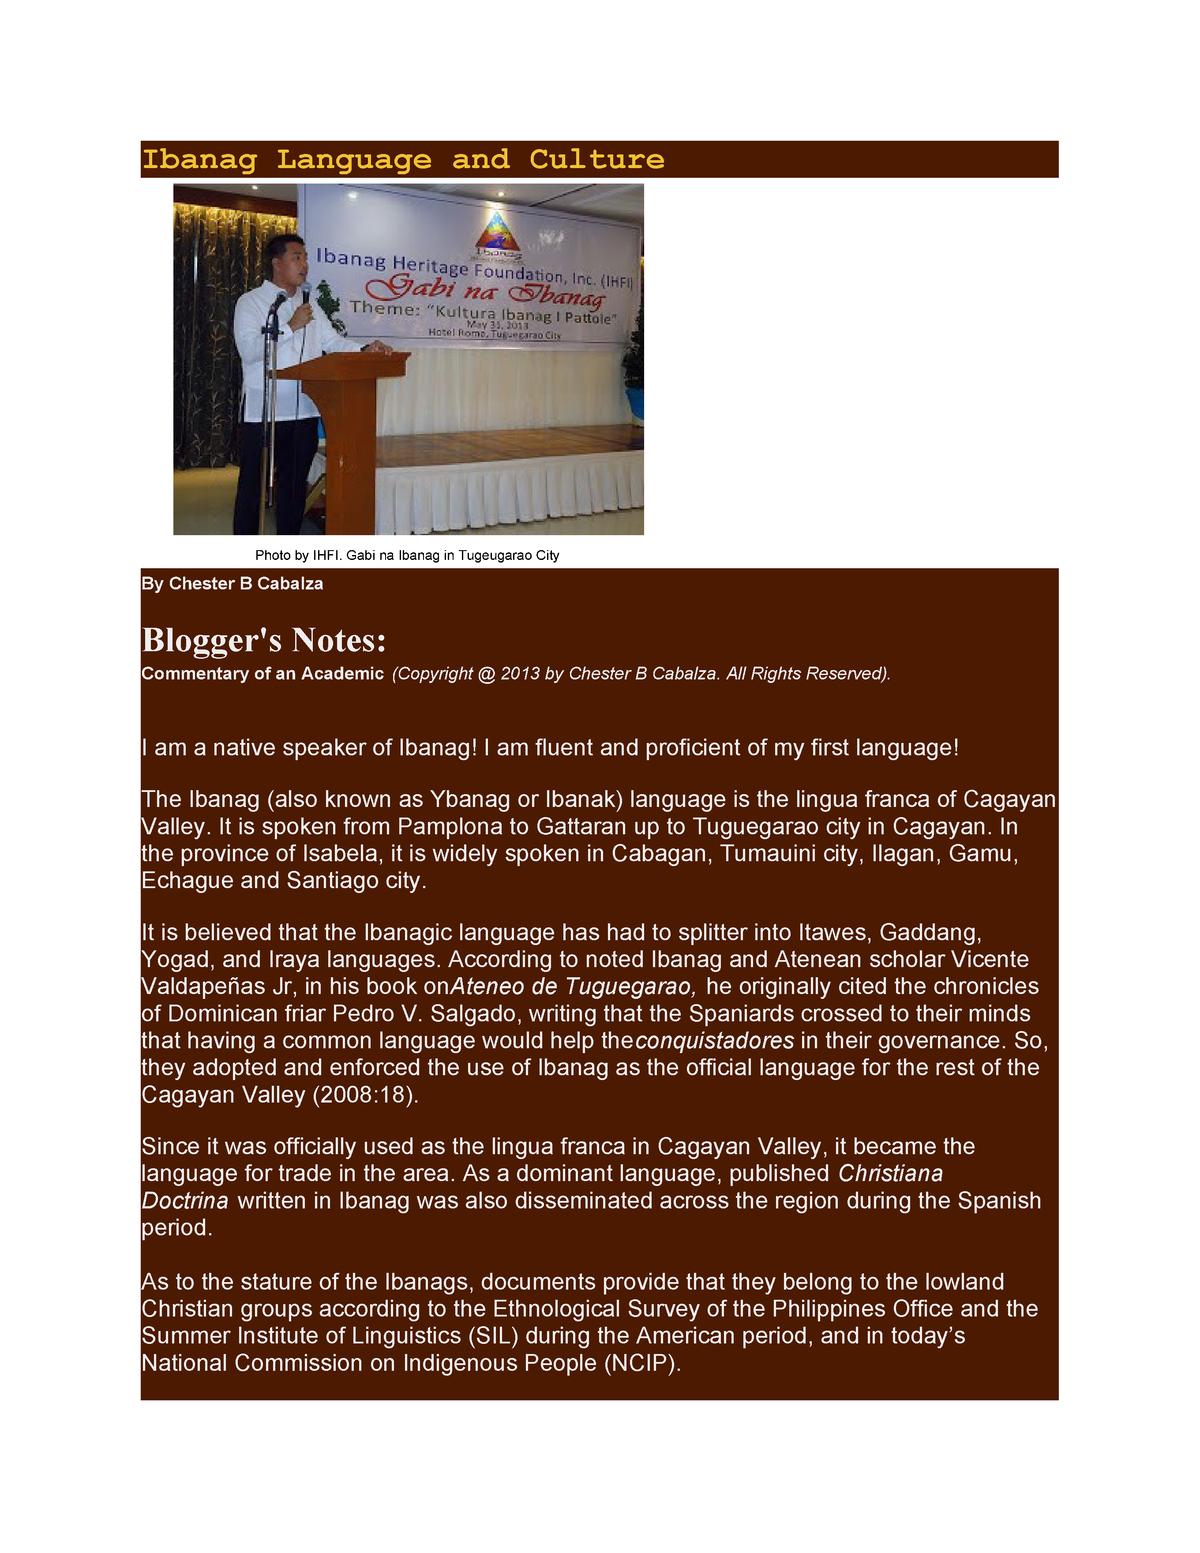 Ibanag Language and Culture - Bachelor of Arts b257 - StuDocu